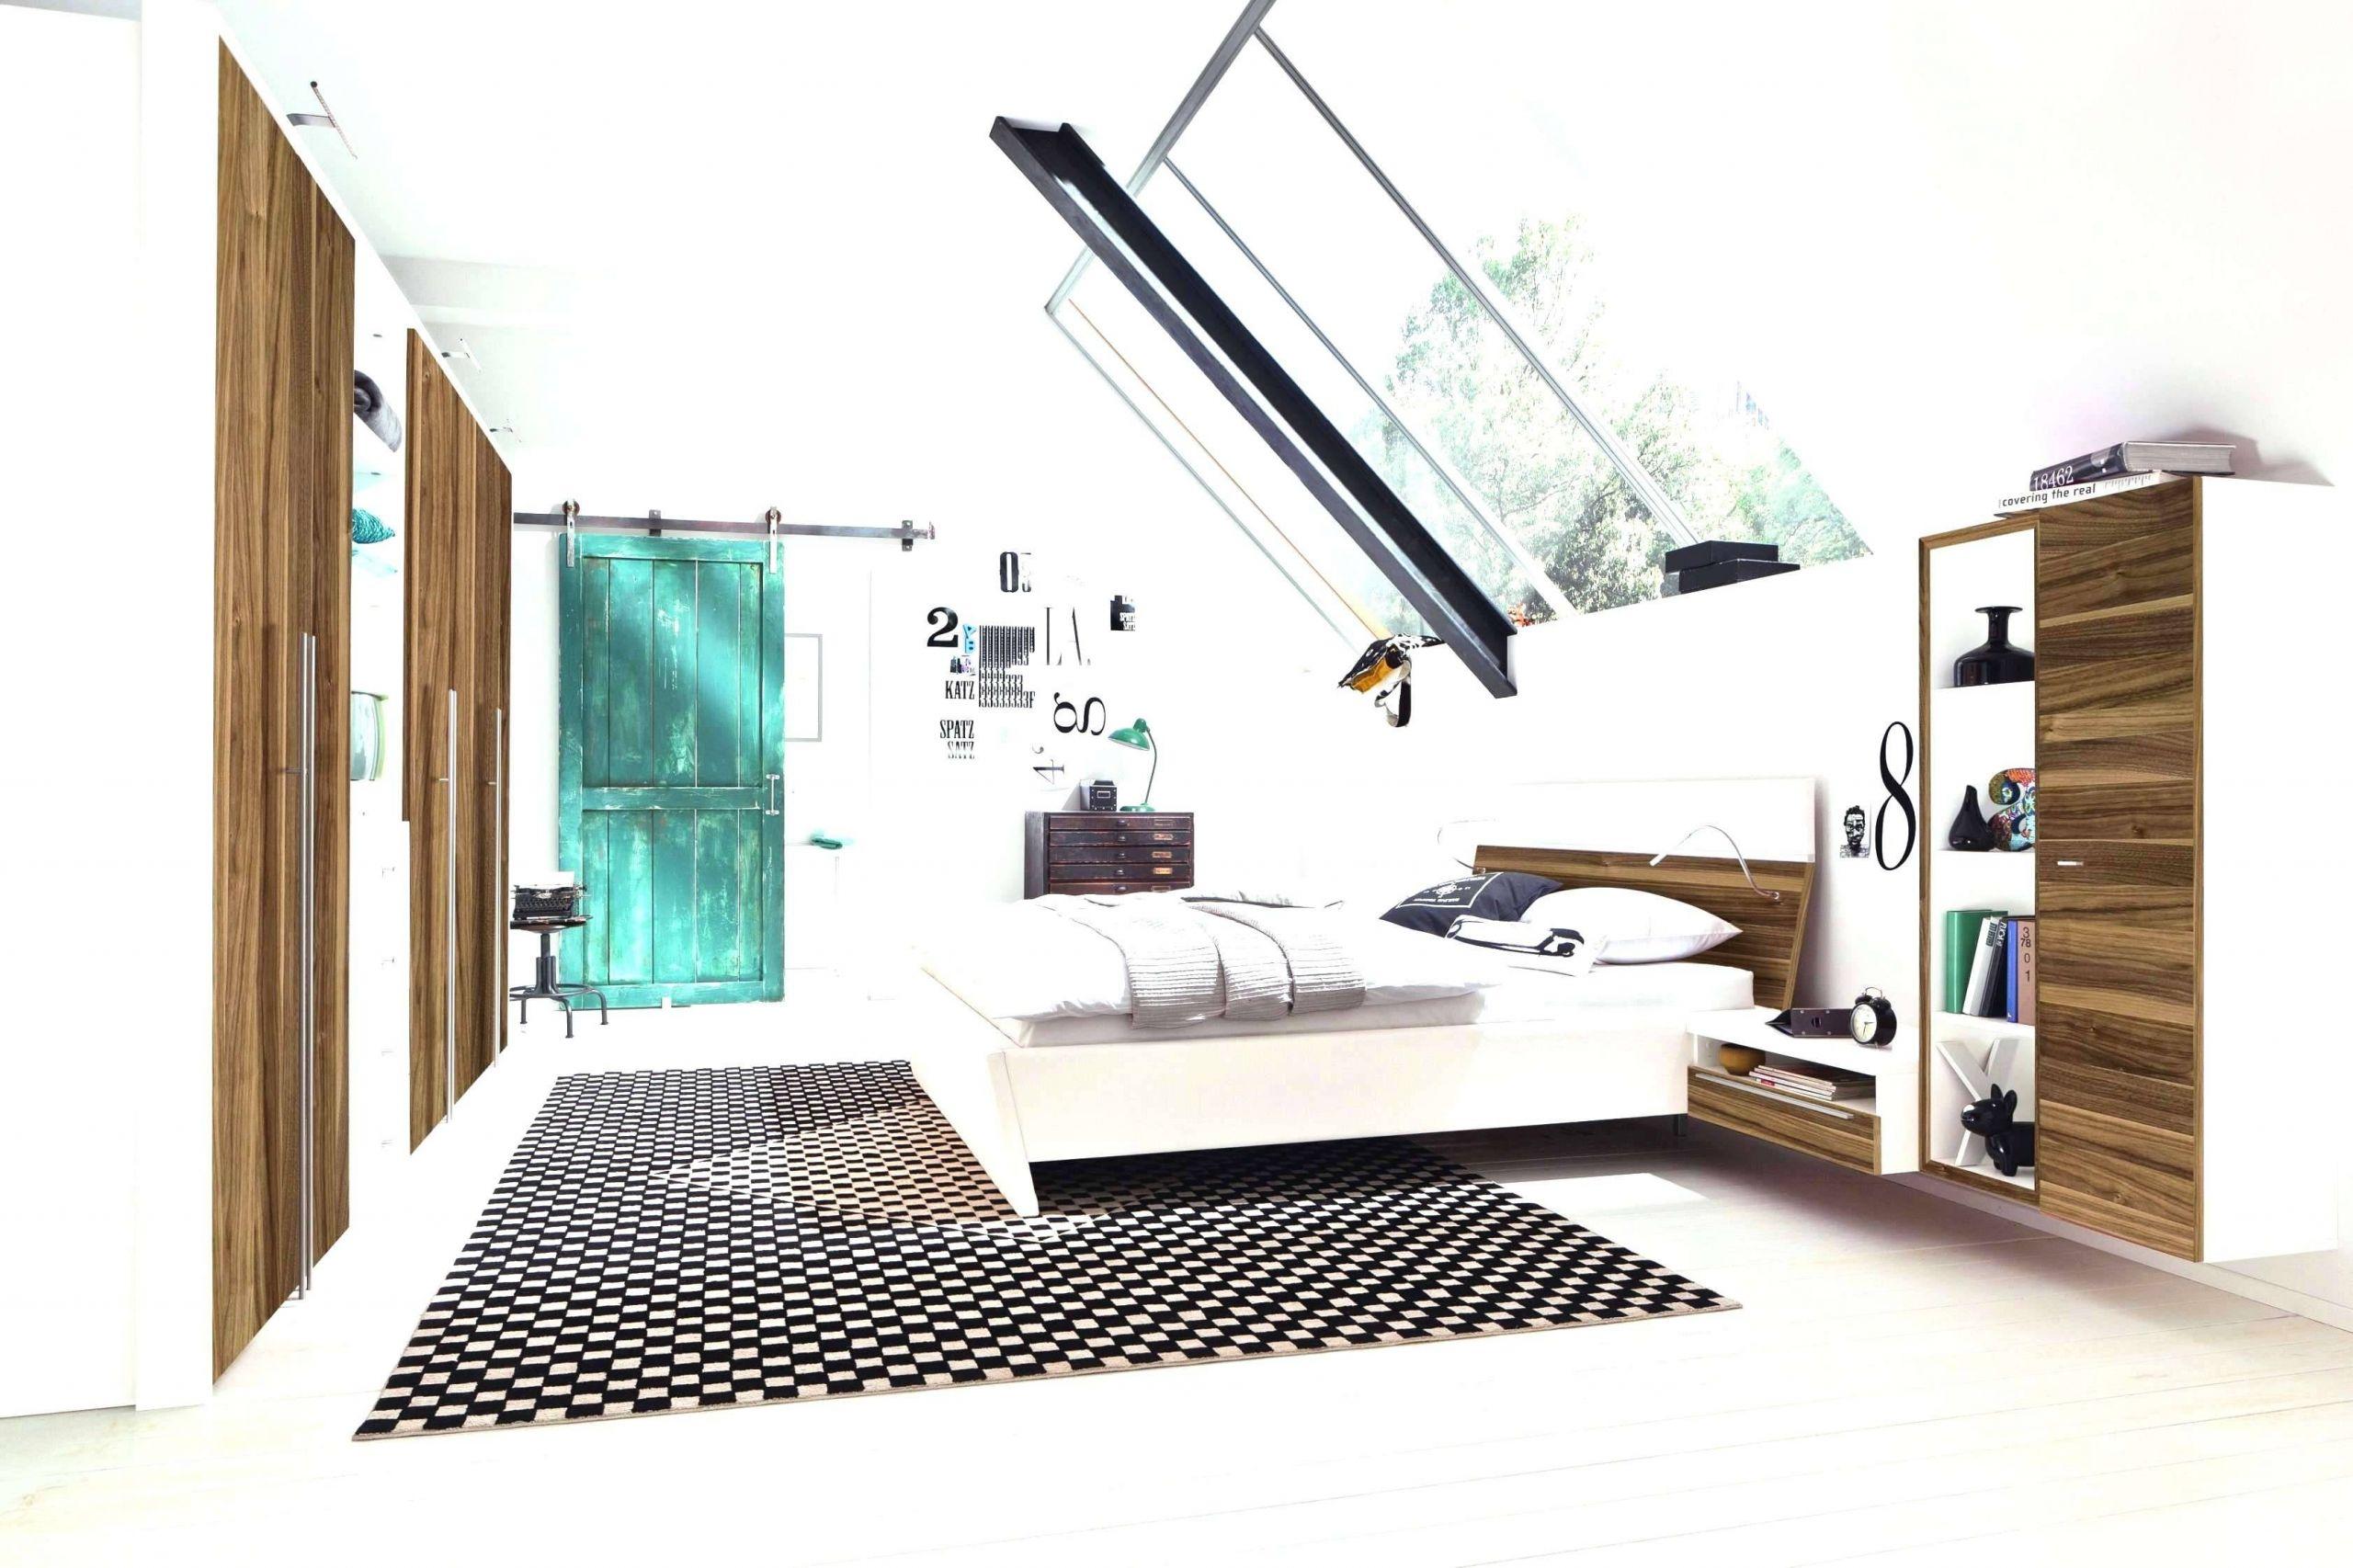 regal wohnzimmer deko inspirational deko ideen wohnzimmer luxus regal schlafzimmer 0d archives neu deko of regal wohnzimmer deko